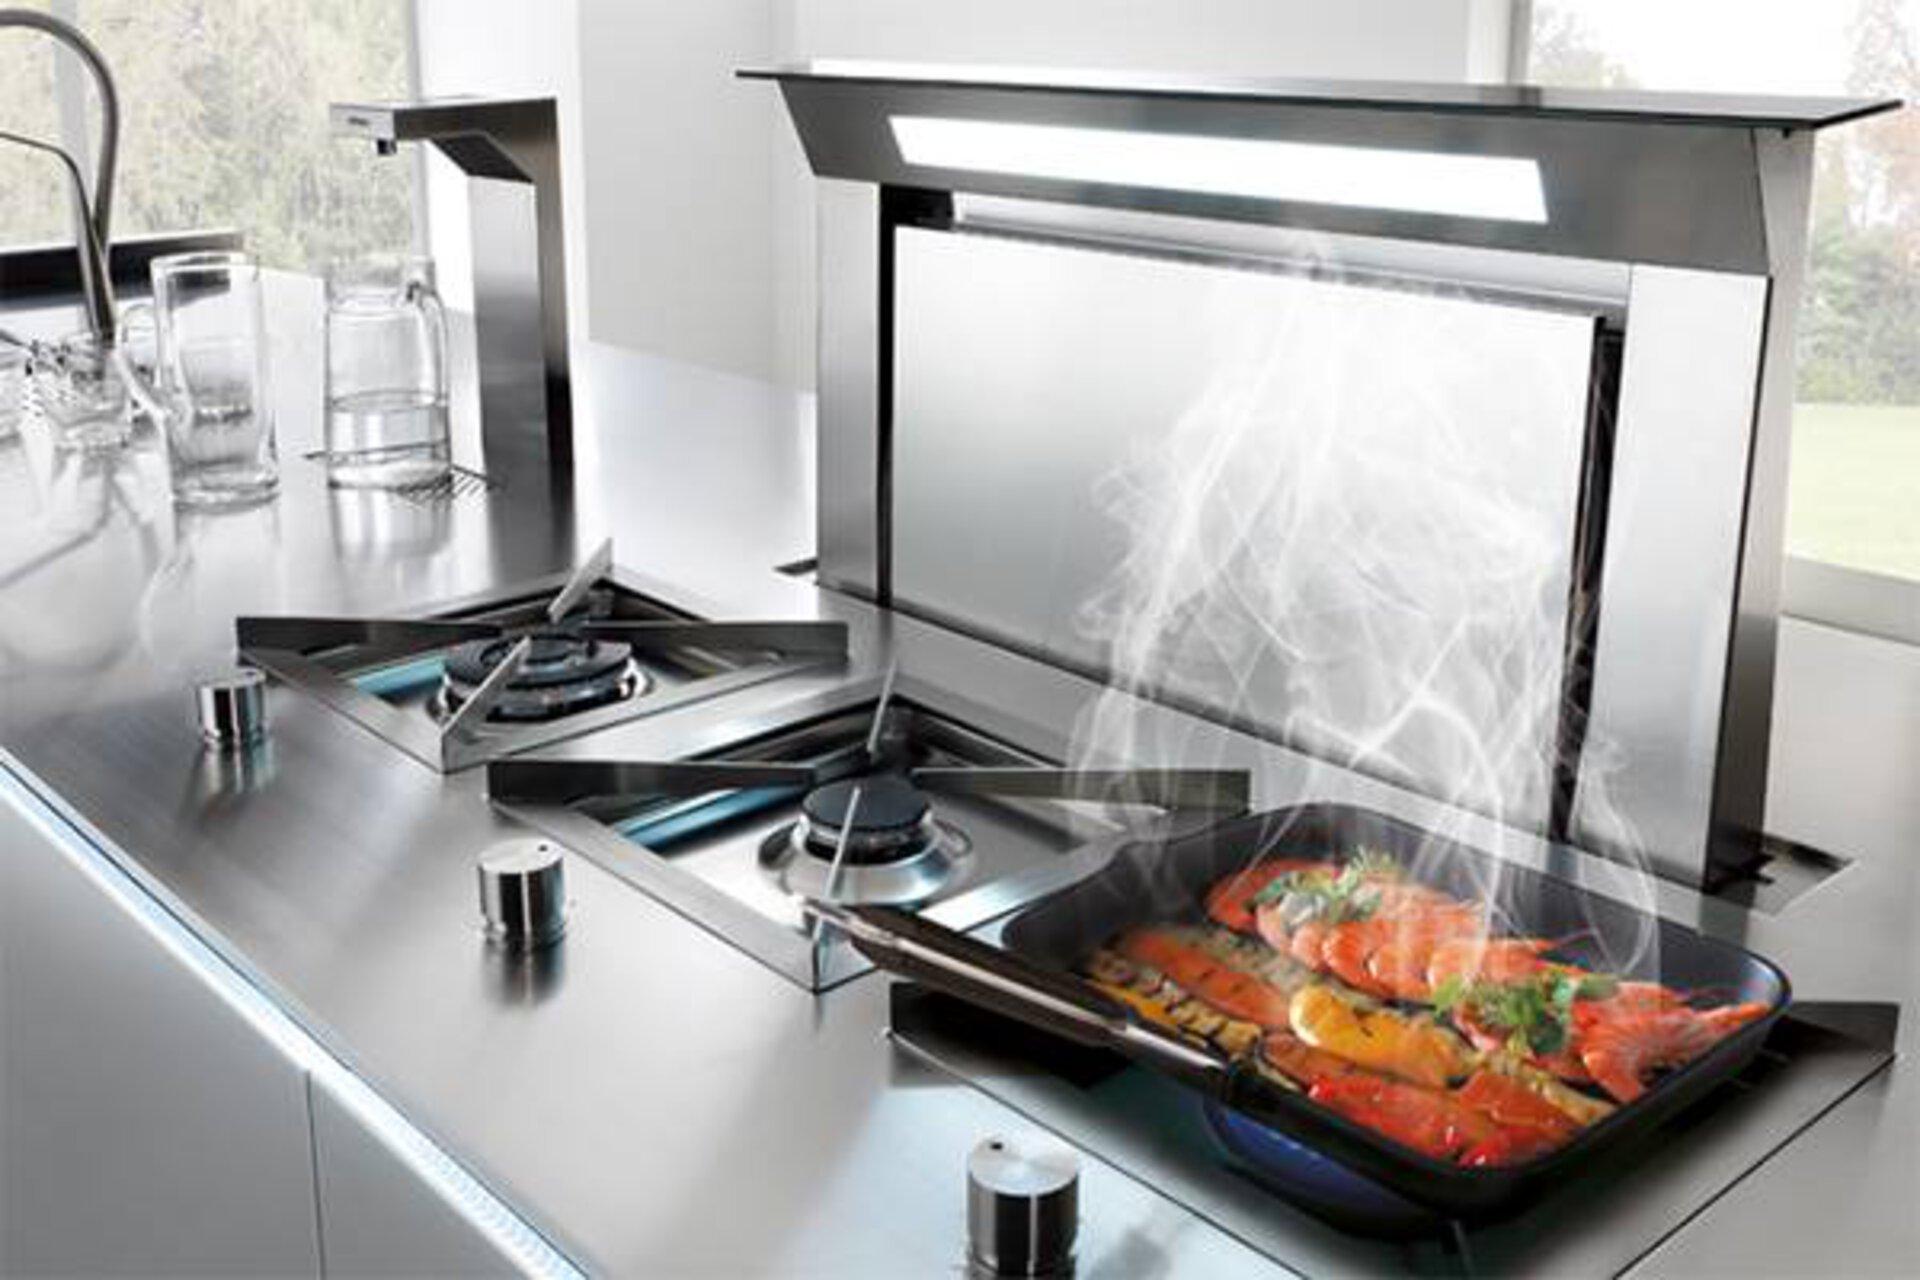 Gasherd mit moderner Edelstahl-Dunstabzugshaube dient asl Kategoriebild für Einbaugeräte in der Küche.